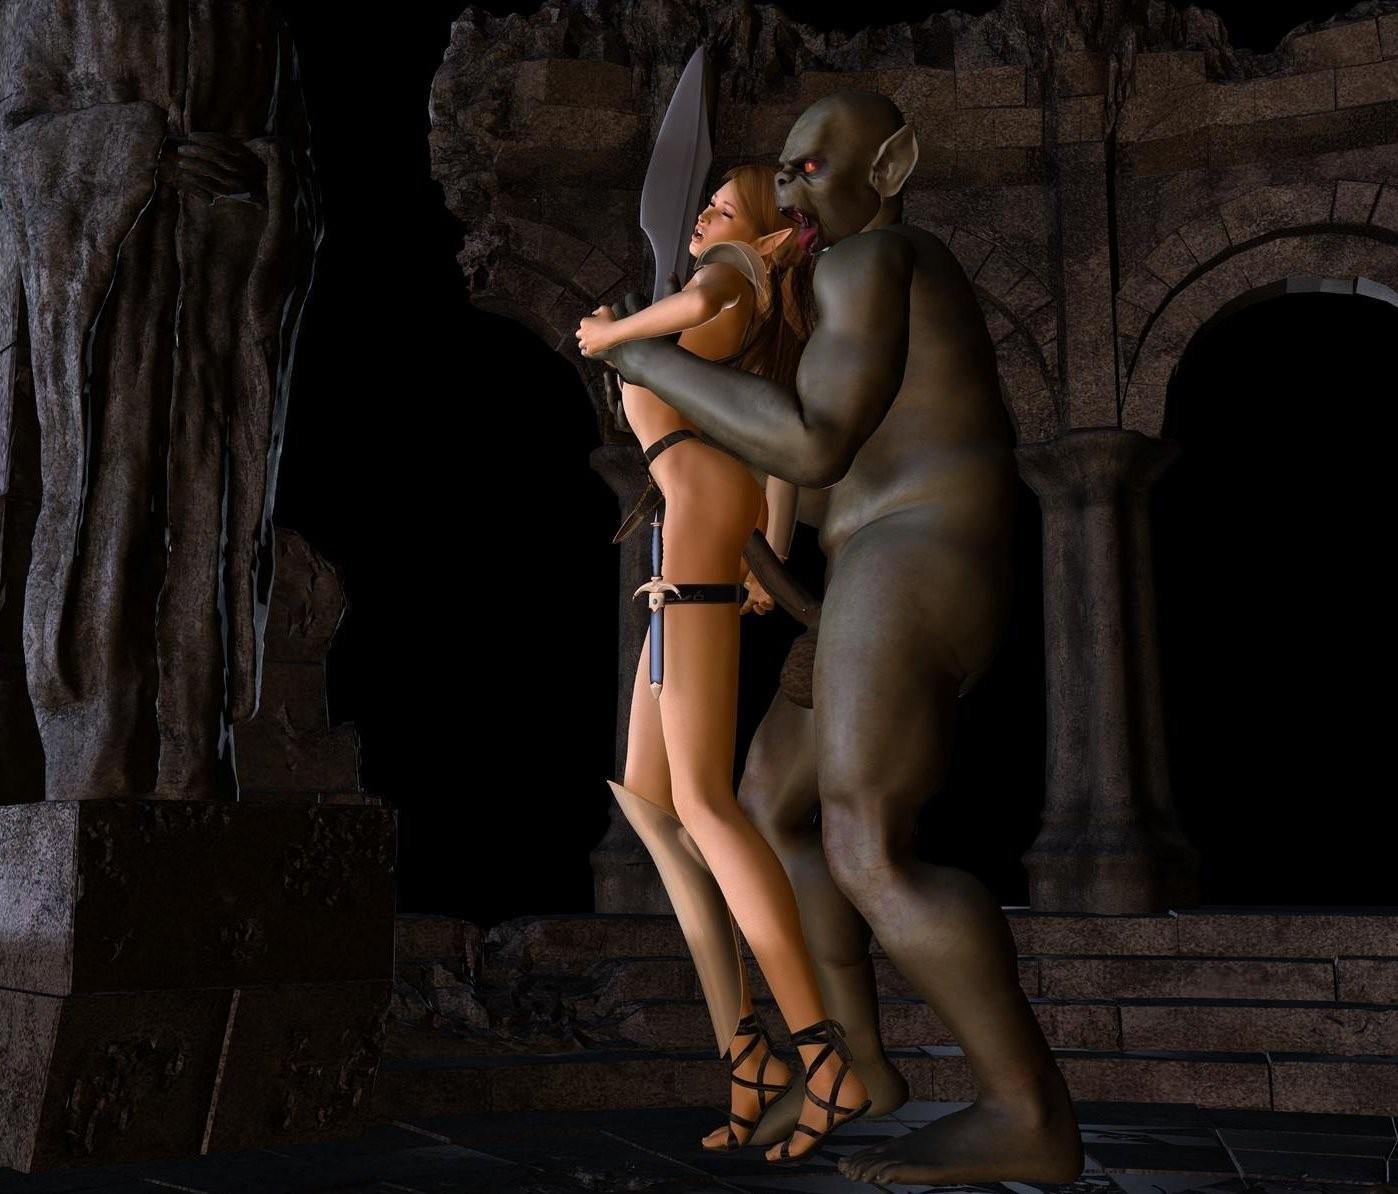 Секс эльфы картинки